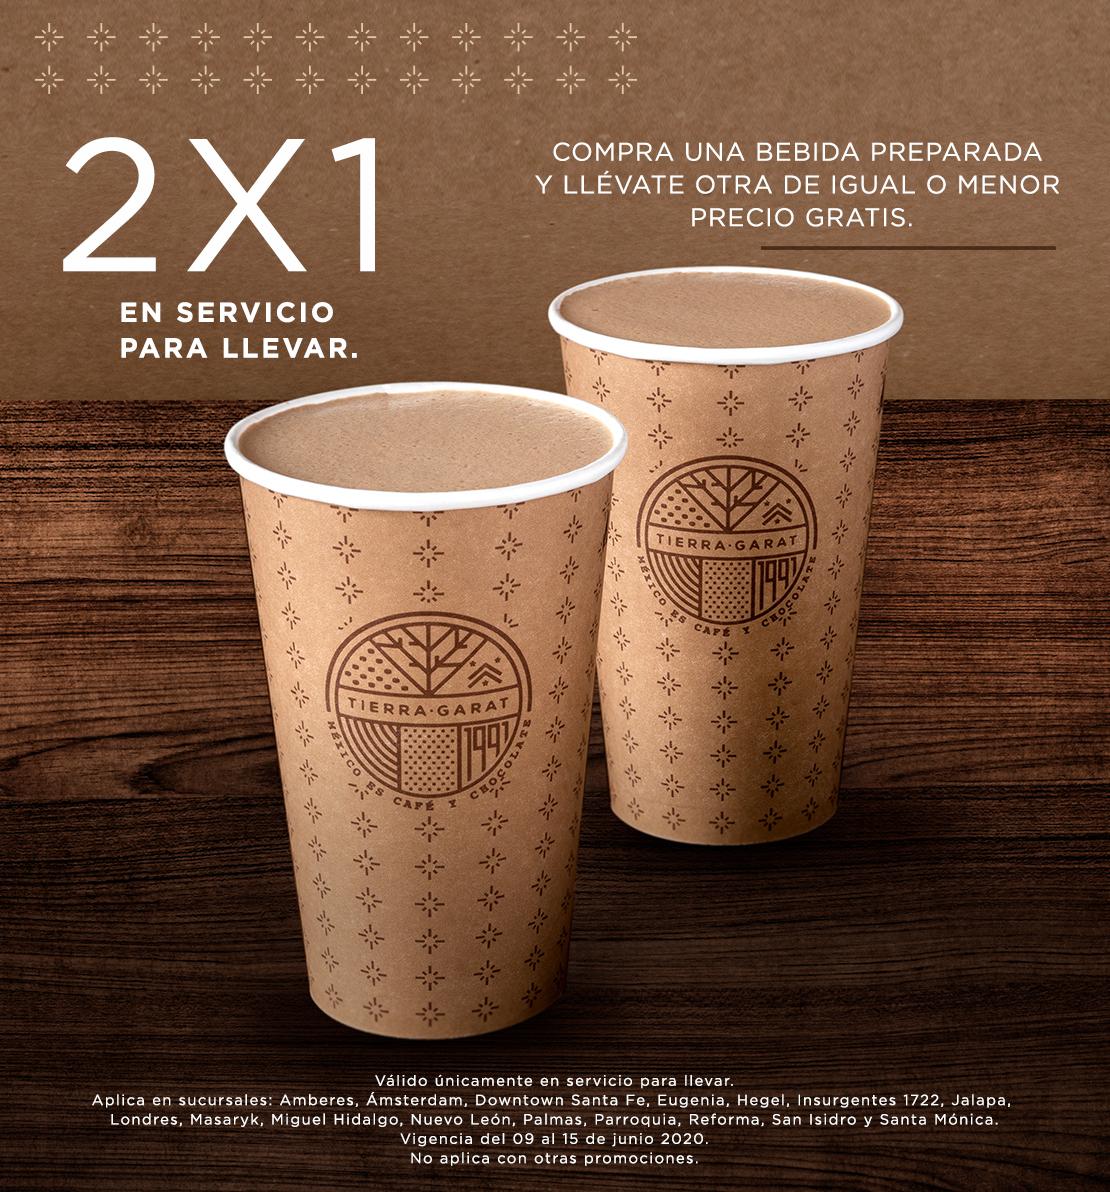 Cafe Tierra Garat 2x1